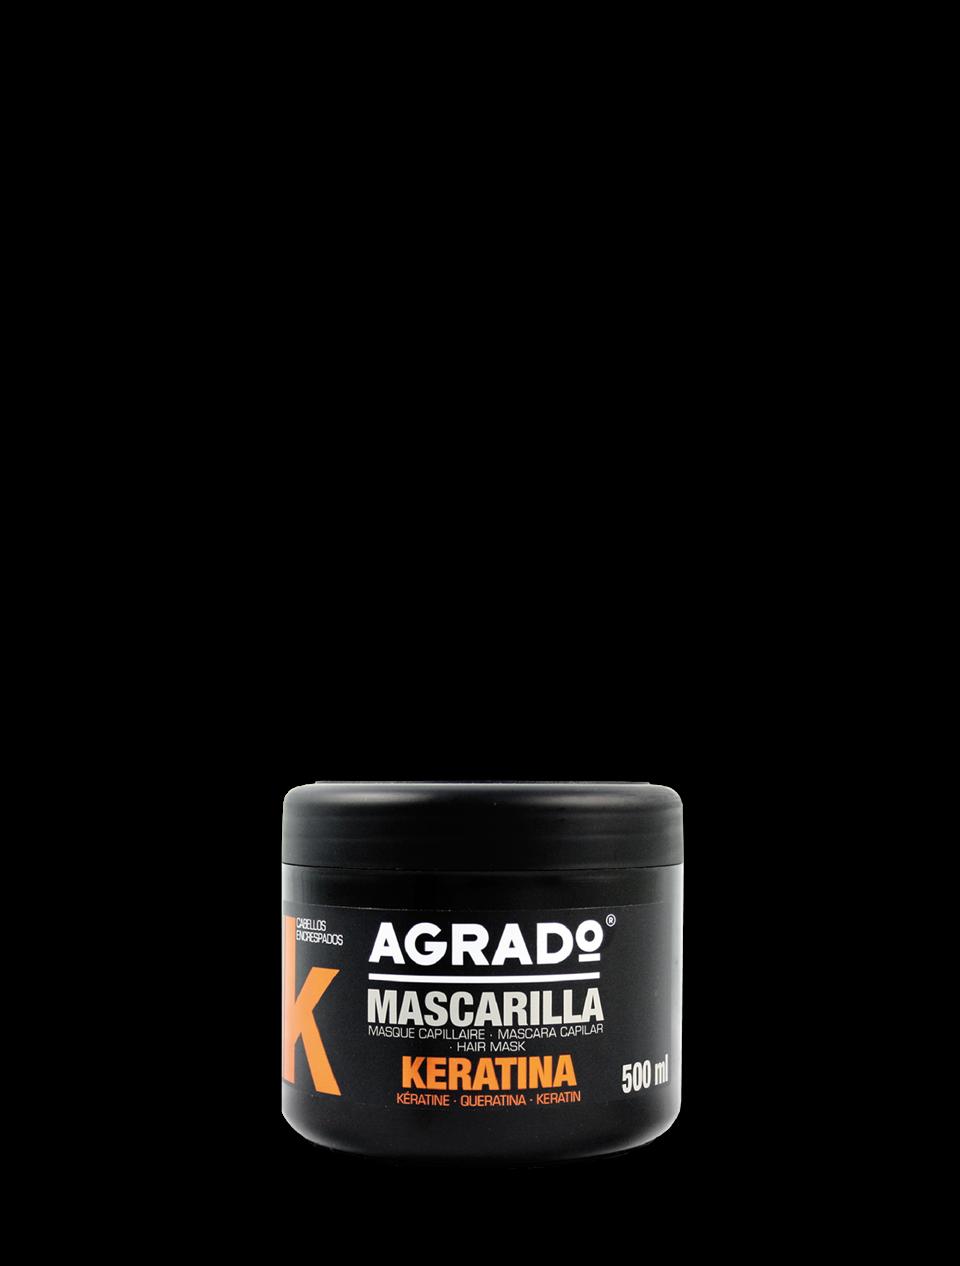 mascarilla-keratina-agrado-5504